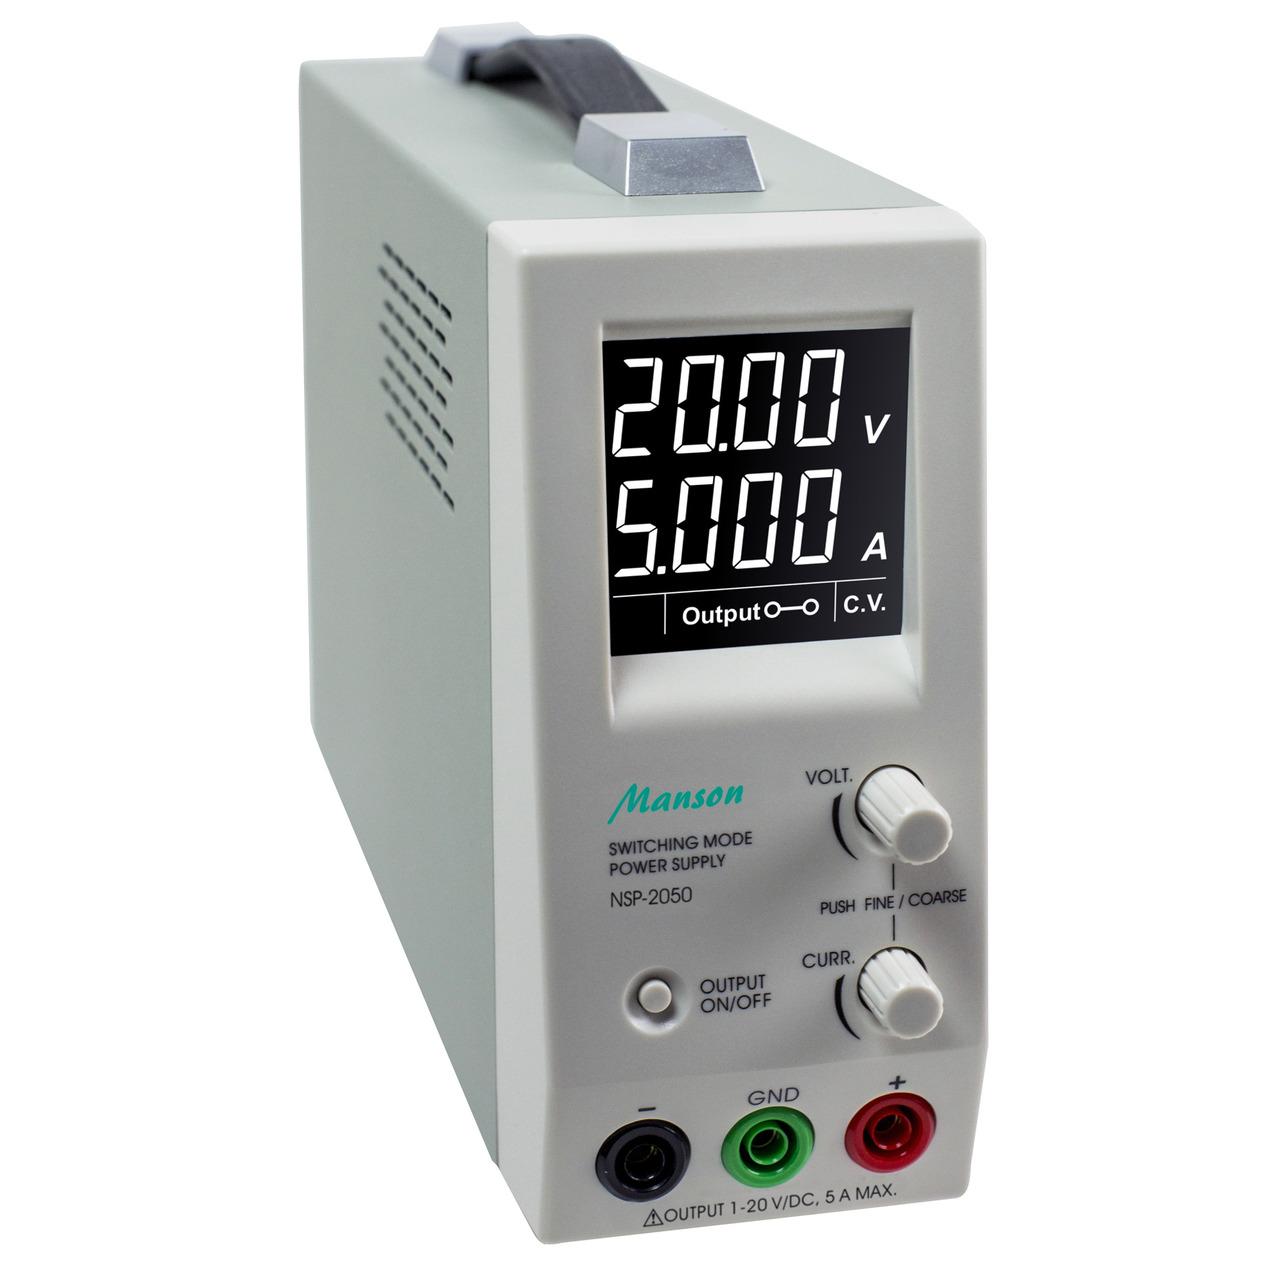 Manson Schaltnetzger鋞 NSP-2050- 1-20 V- 0-5 A